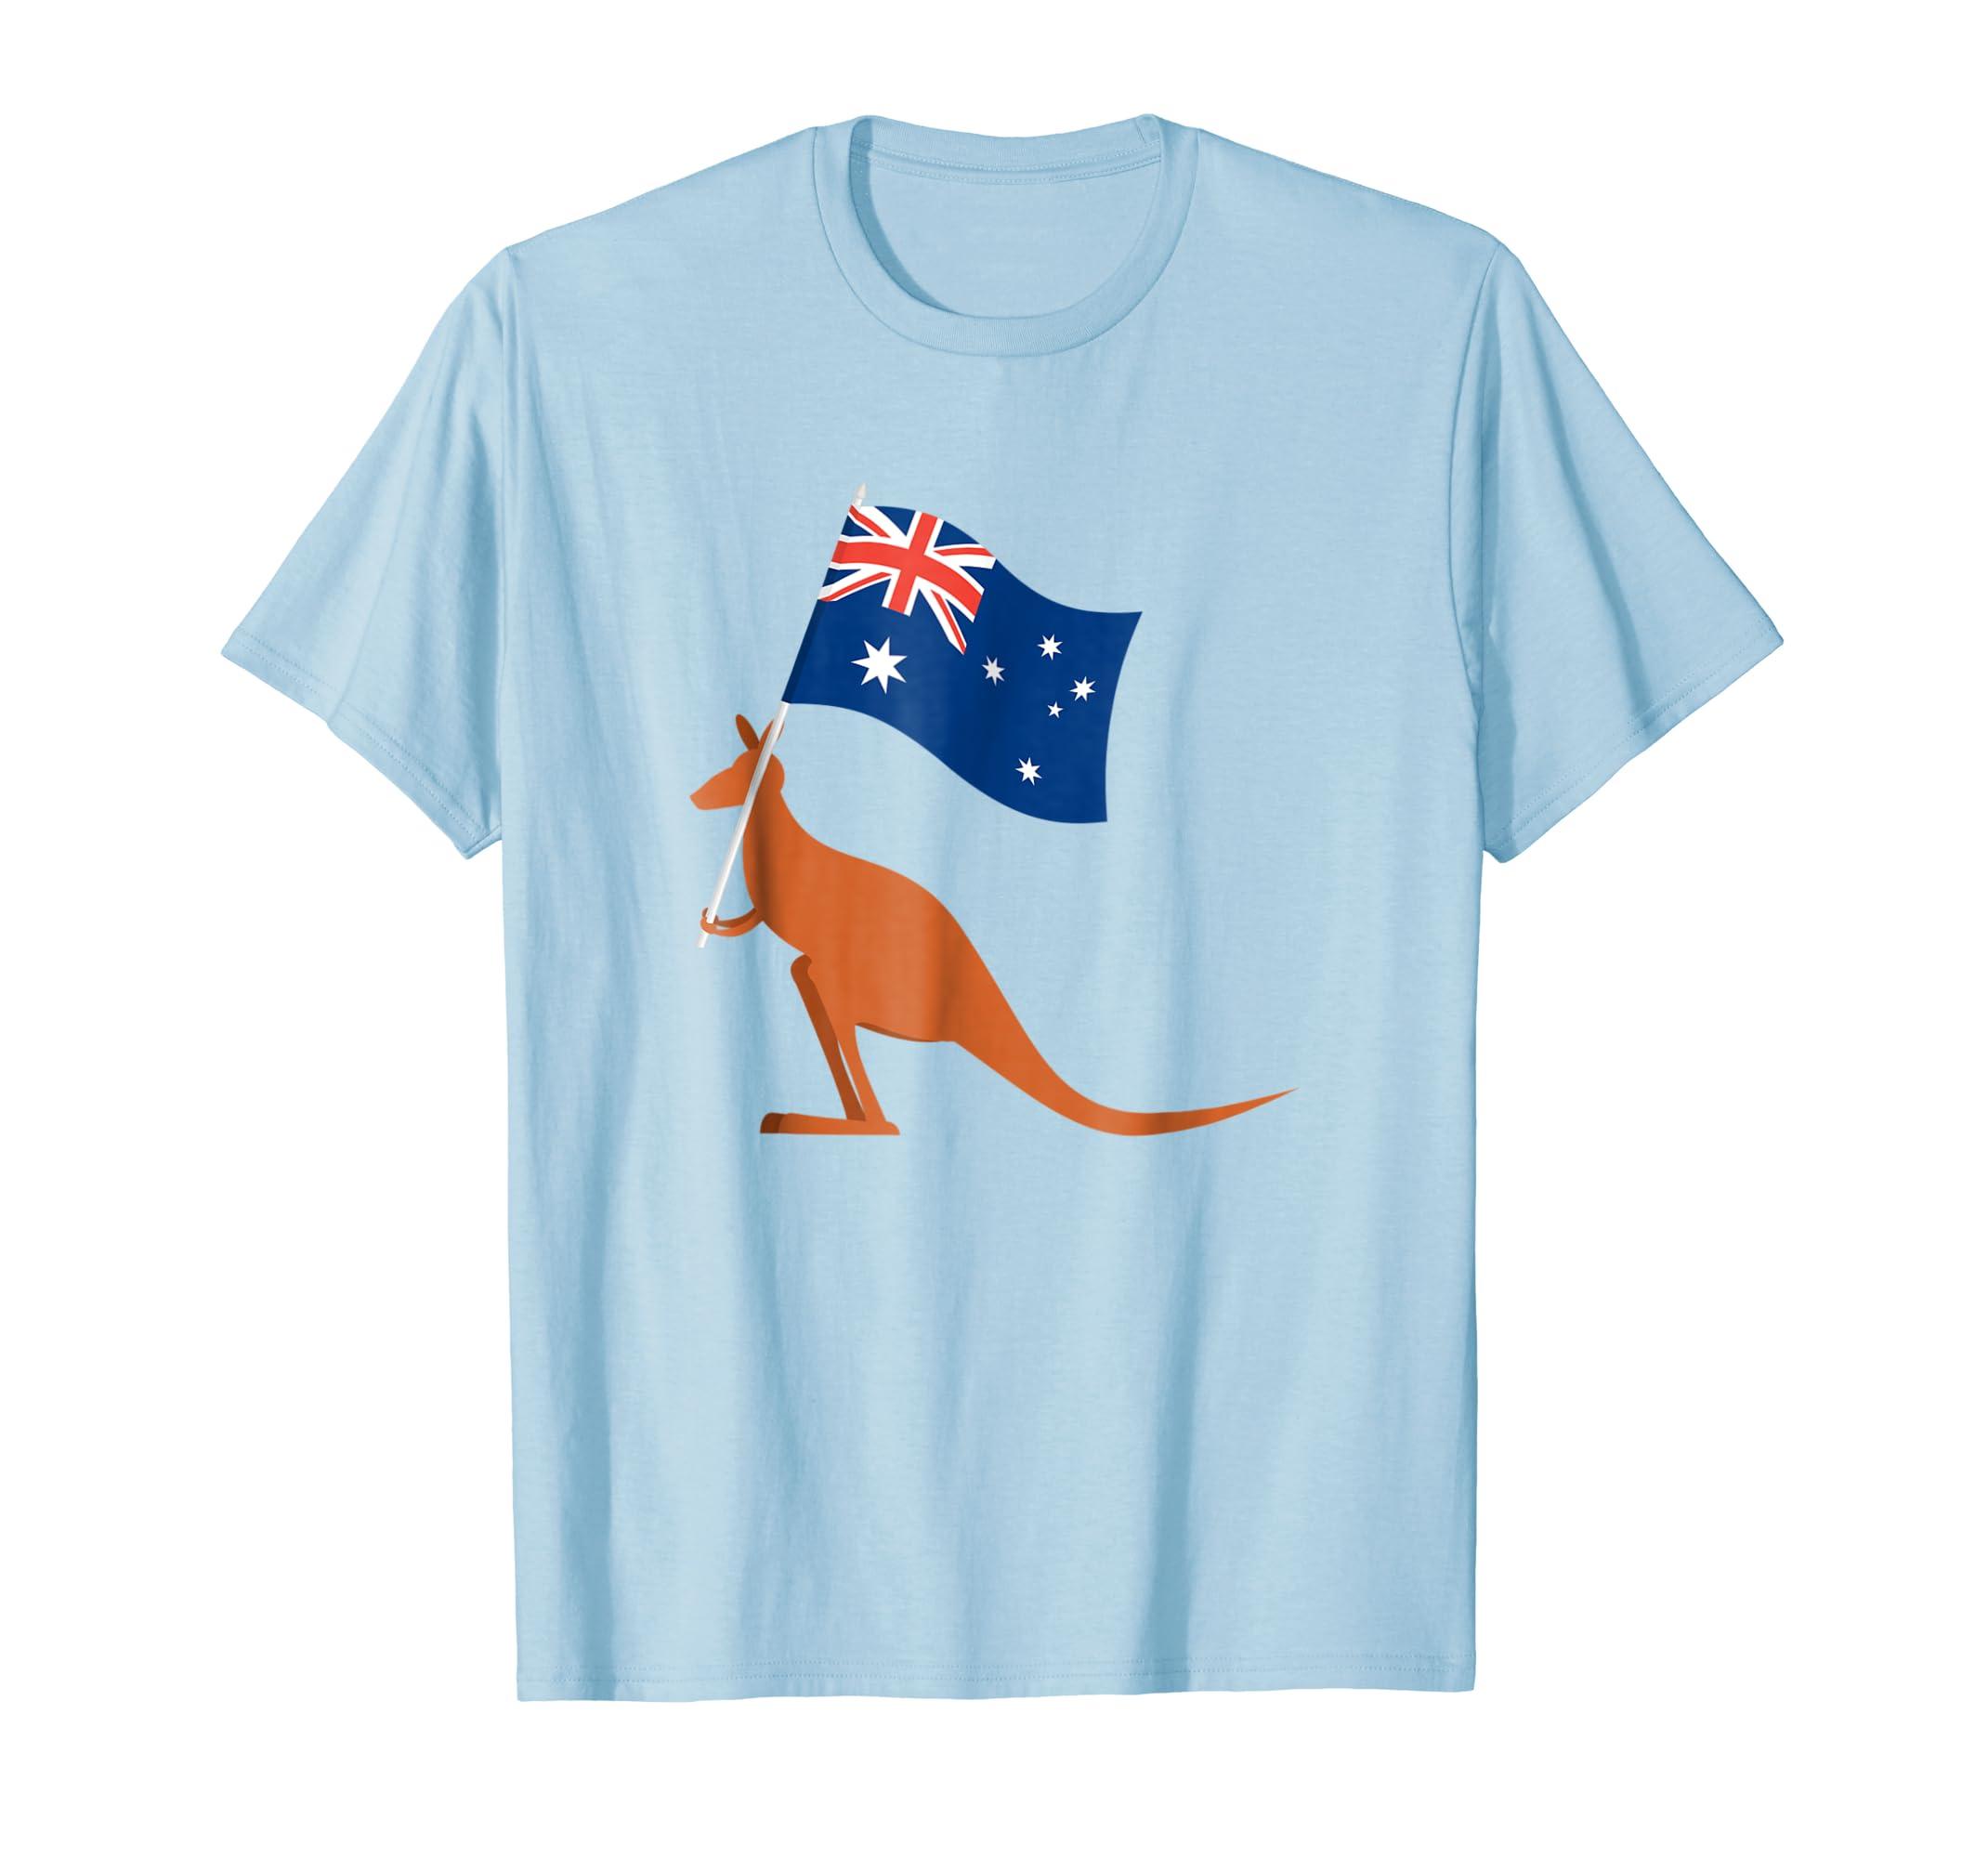 Australia Kangaroo Souvenir T-shirt Vintage Wild Print-AZP